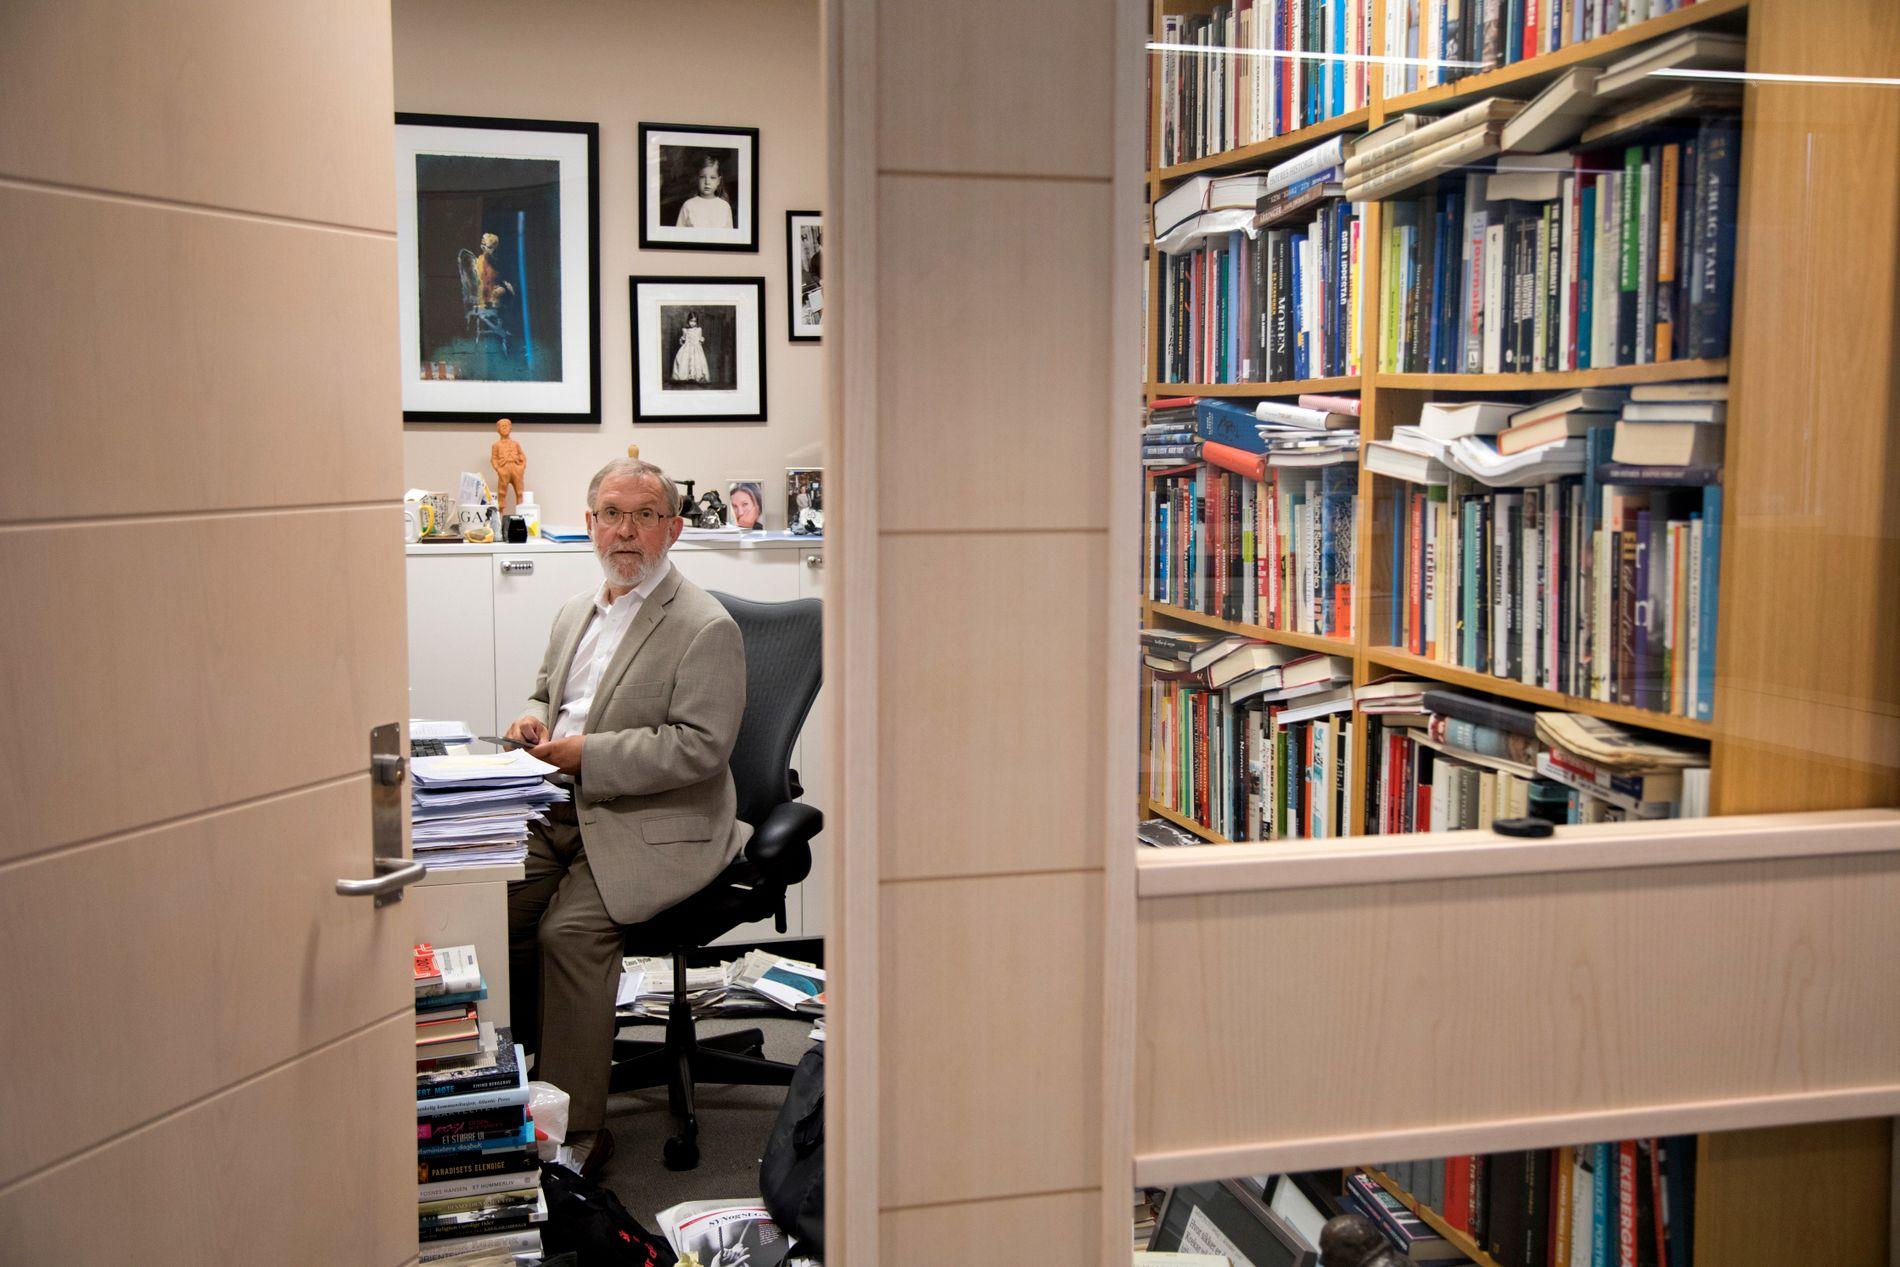 SLUTTER: Kollegene sitter i åpne landskap, men Harald Stanghelle har eget kontor. Ryddig er det ikke der inne.